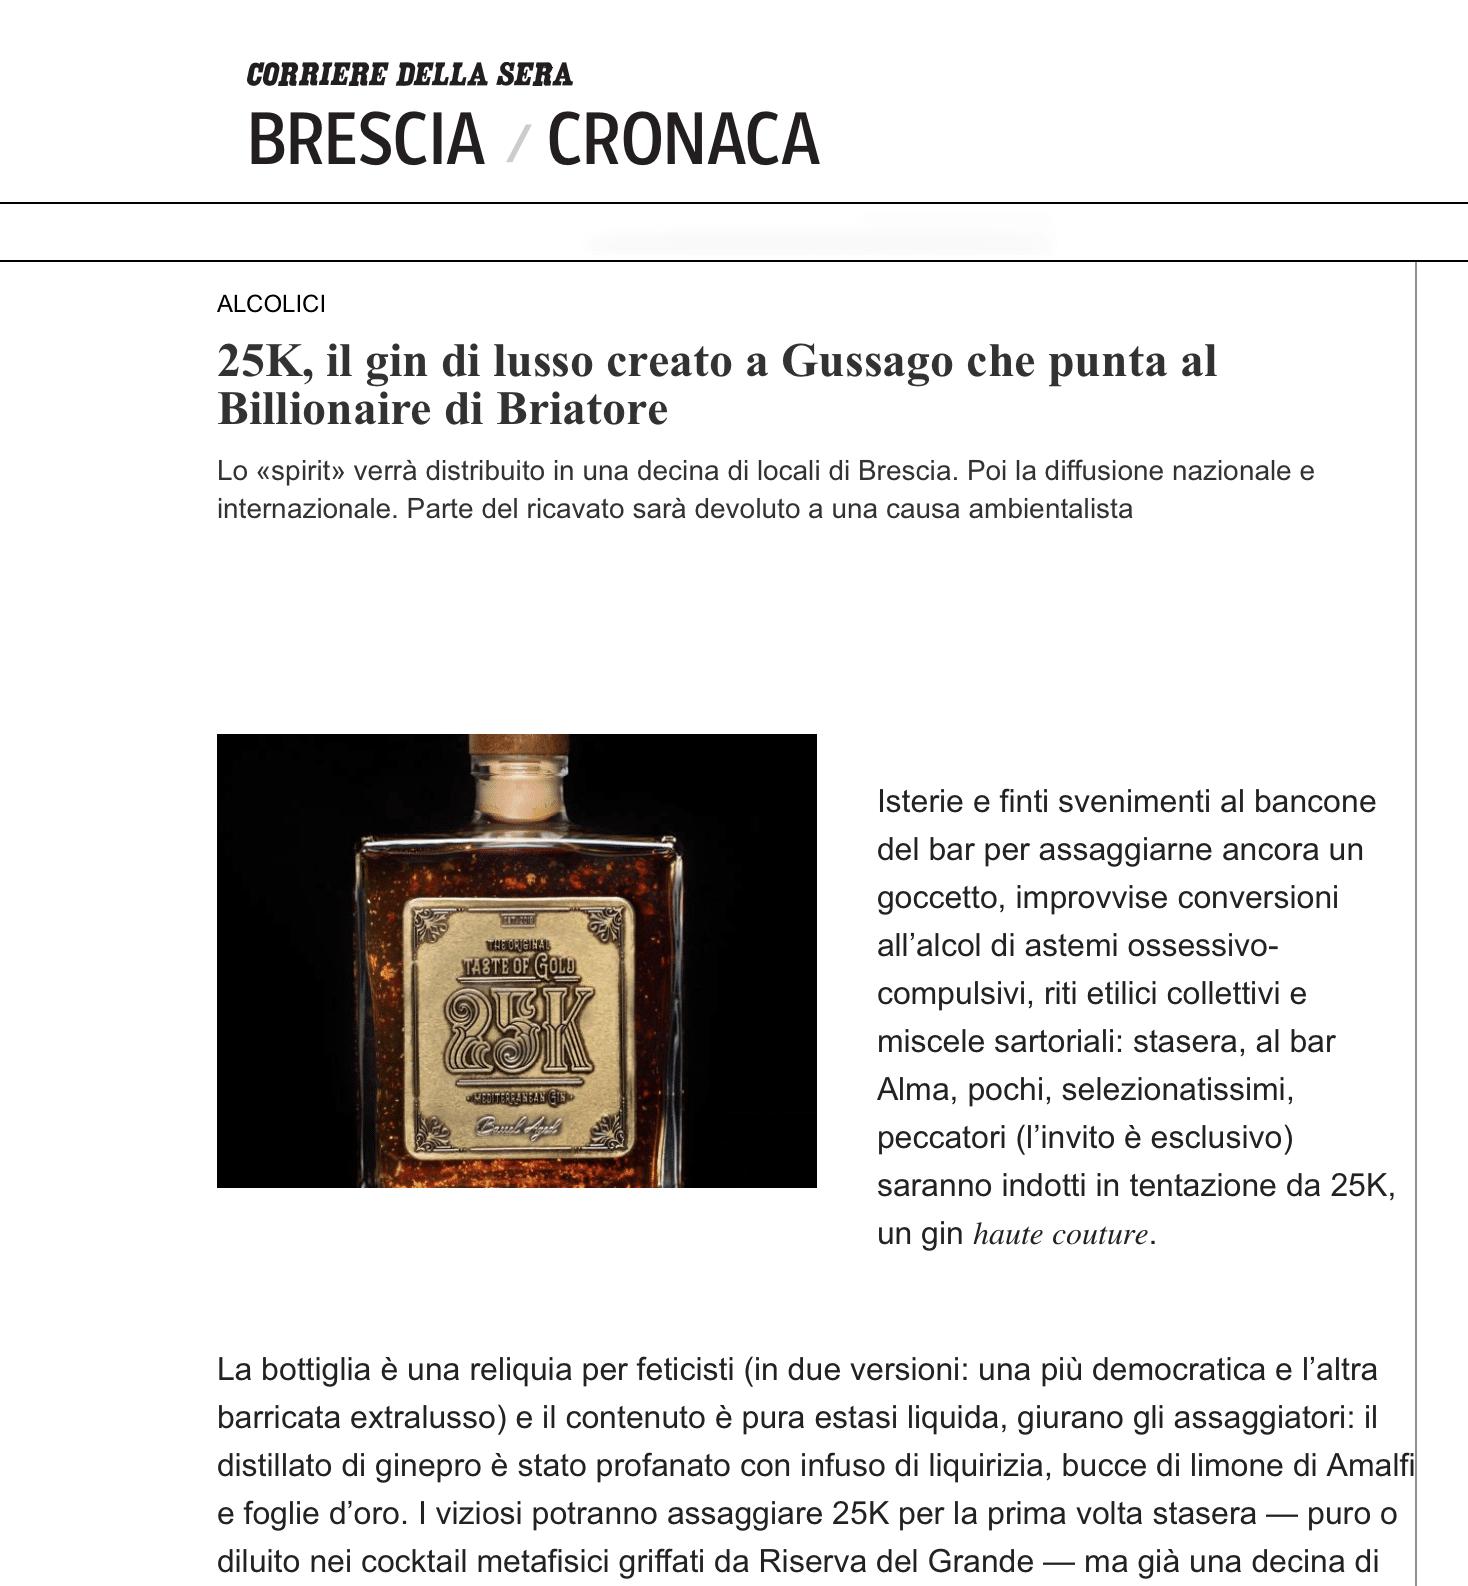 25K, the luxury gin born in Brescia that aims at Briatore's Billionaire 25k, il gin di lusso nato a brescia che punta al billionaire di briatore